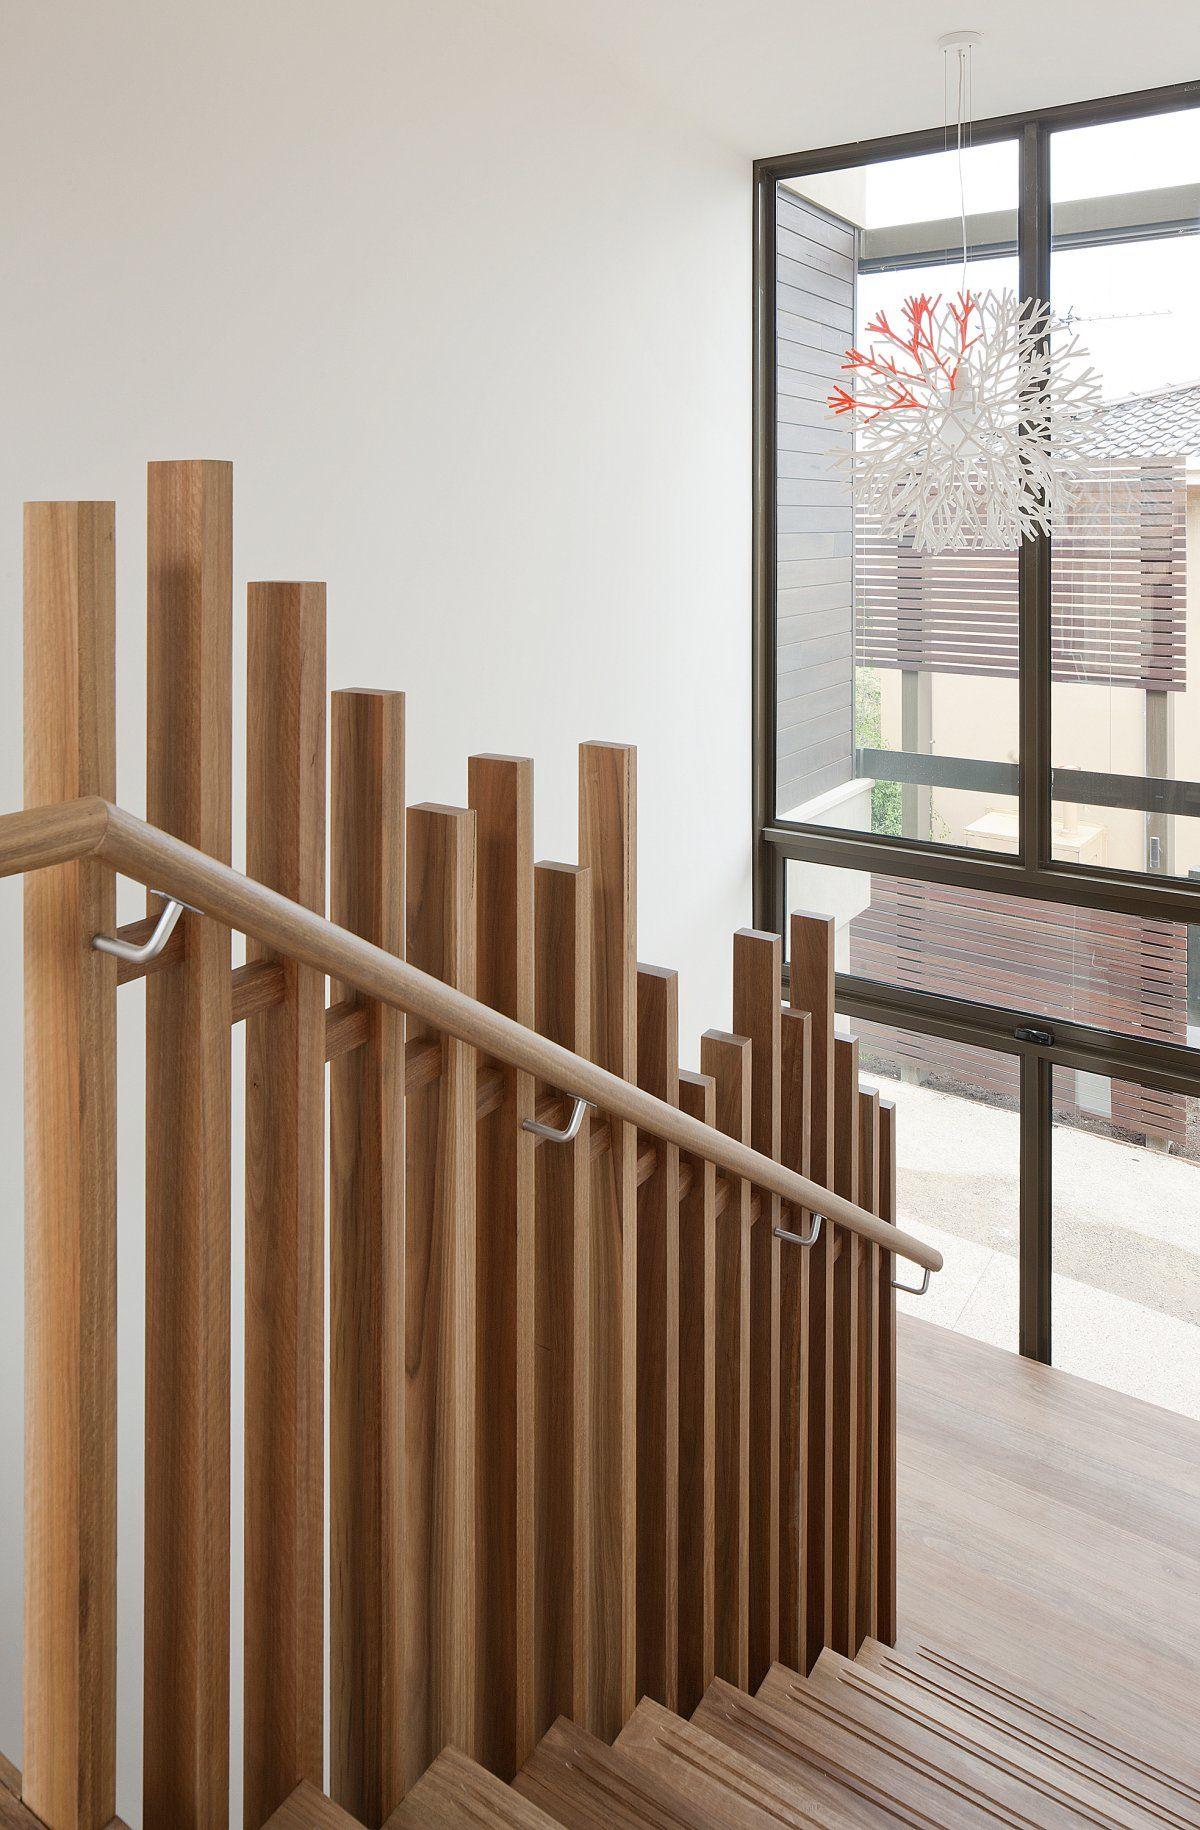 barandillas escaleras barandales de escaleras madera escaleras modernas rejas hermosa bosque real espacios entrada principal libreros